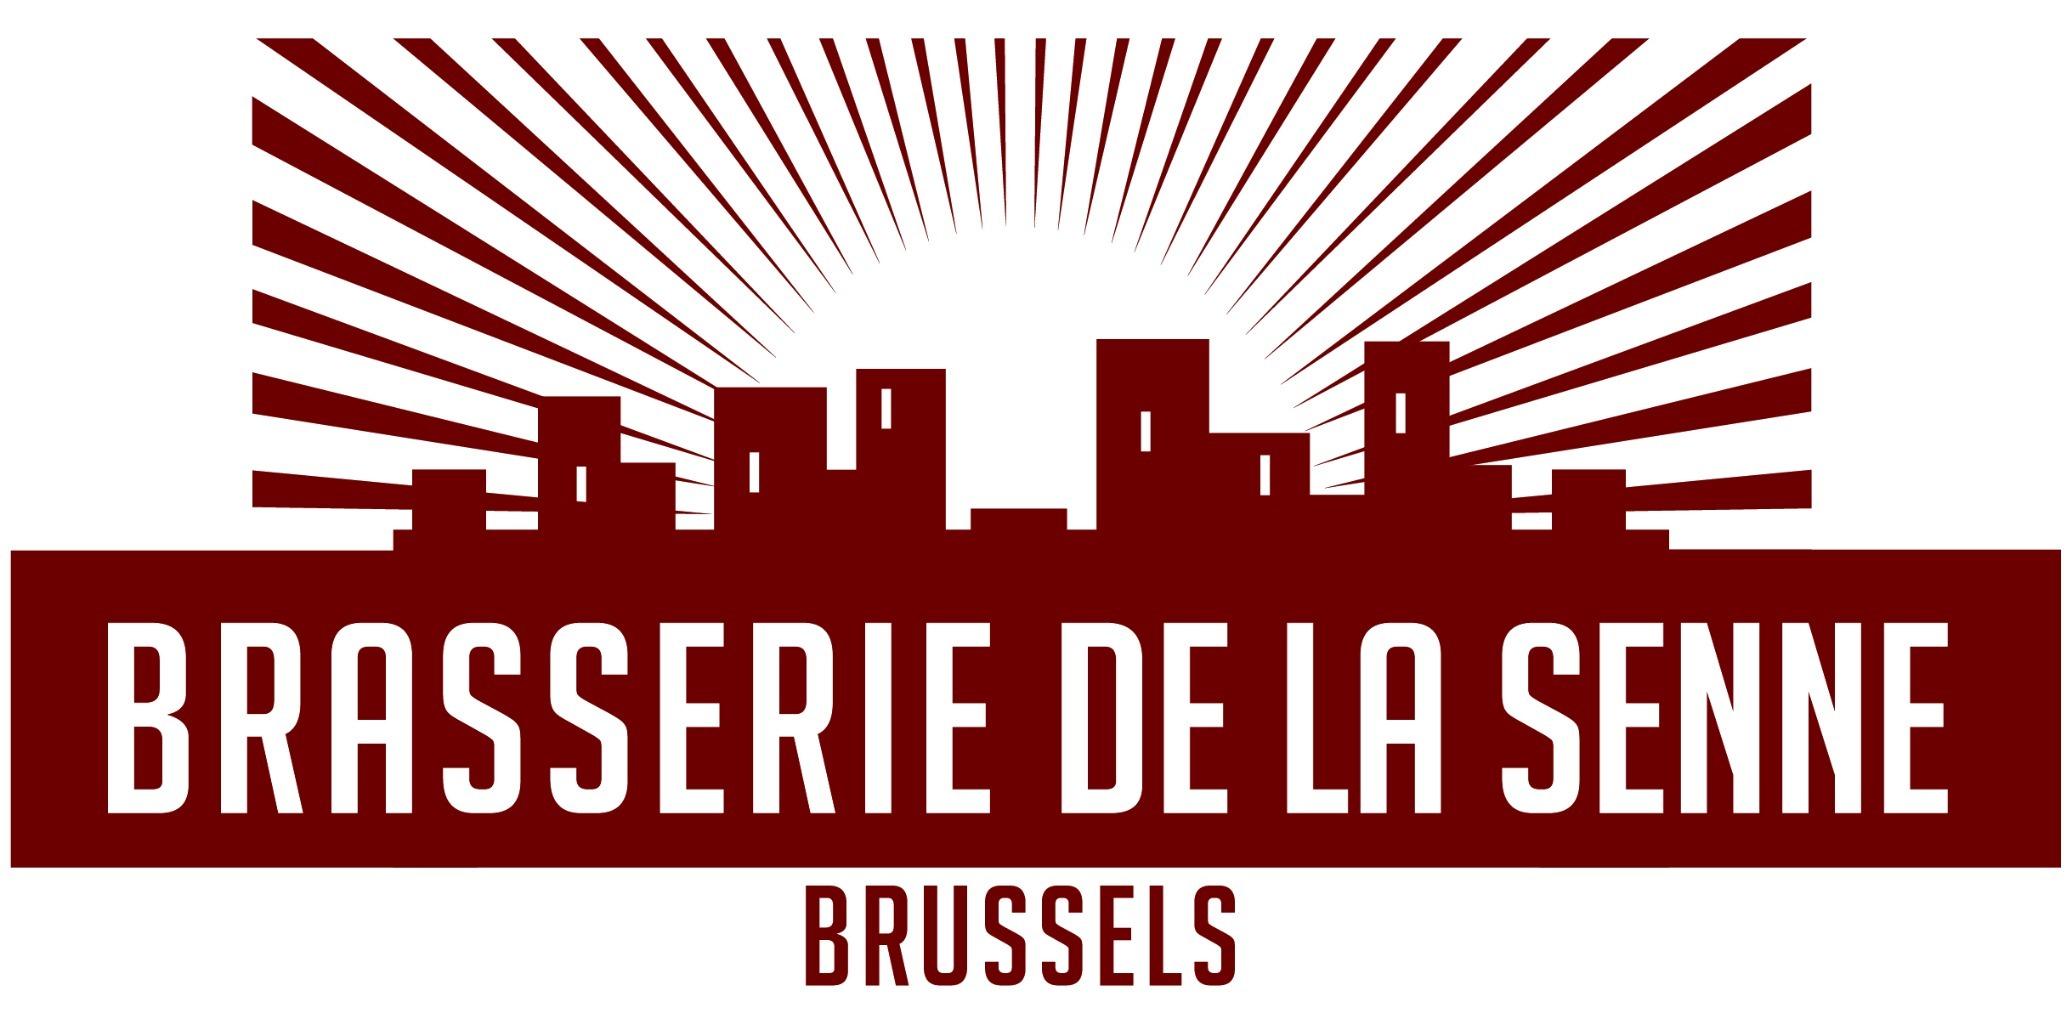 Logo van Brasserie de la Senne gevestigd in Brussel uit België